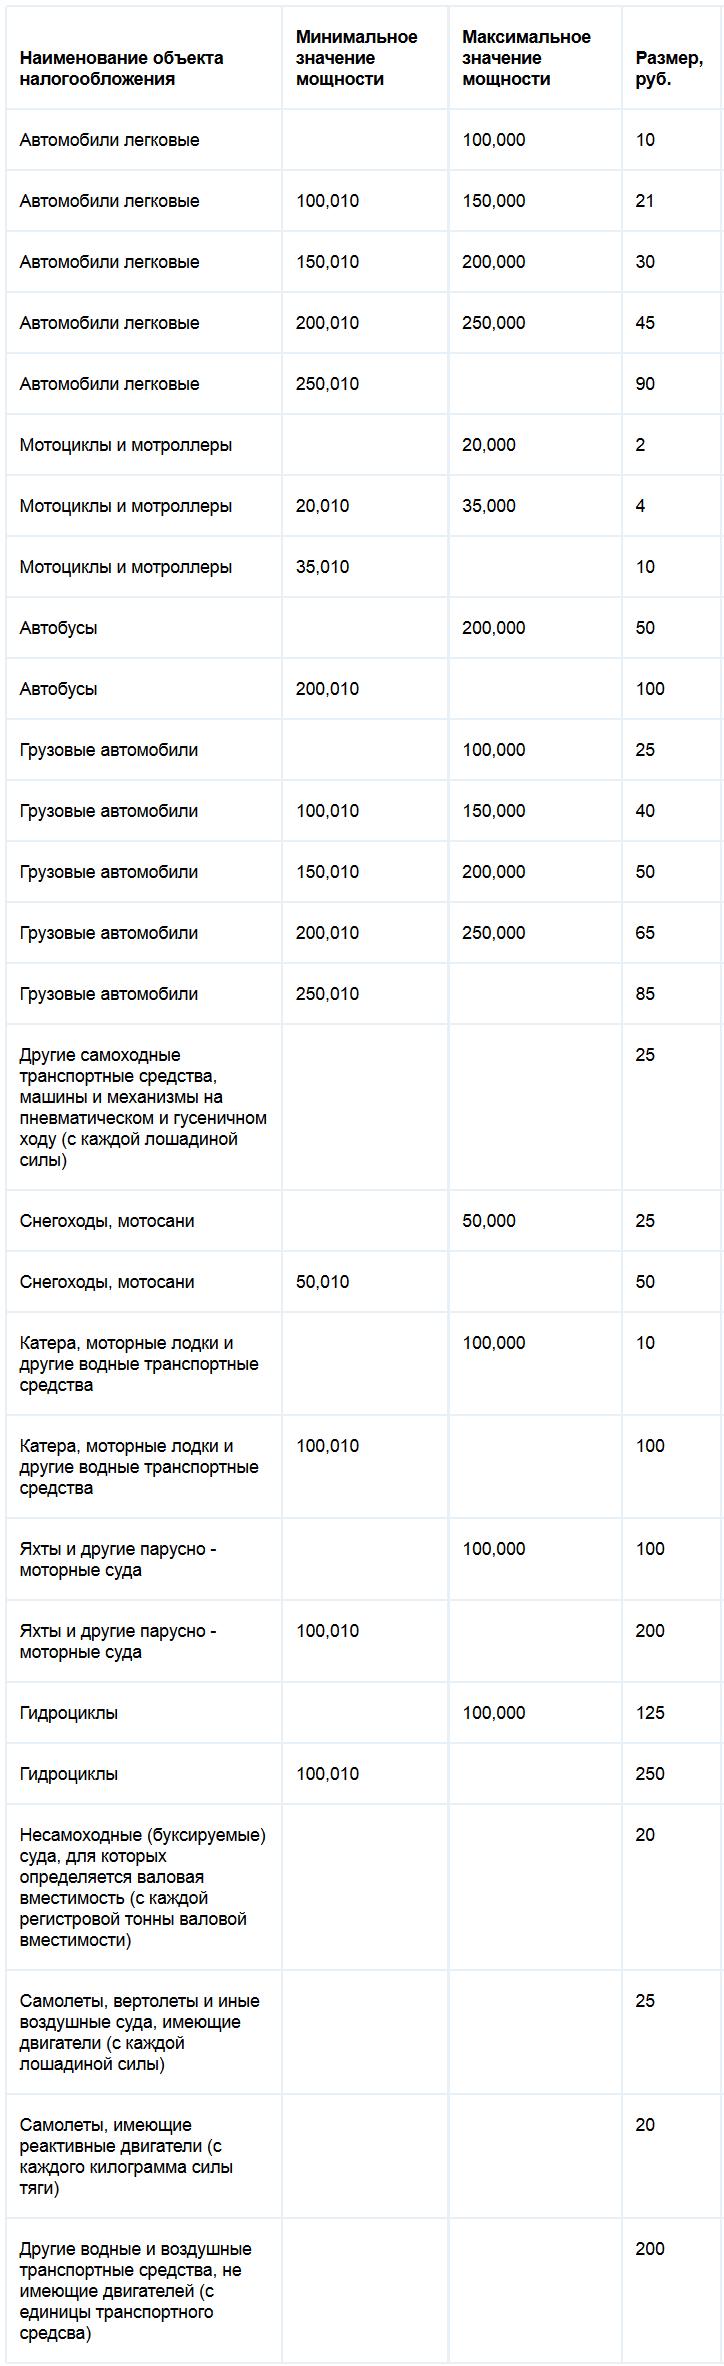 Где получить бесплатные путевки пенсионерам москвы